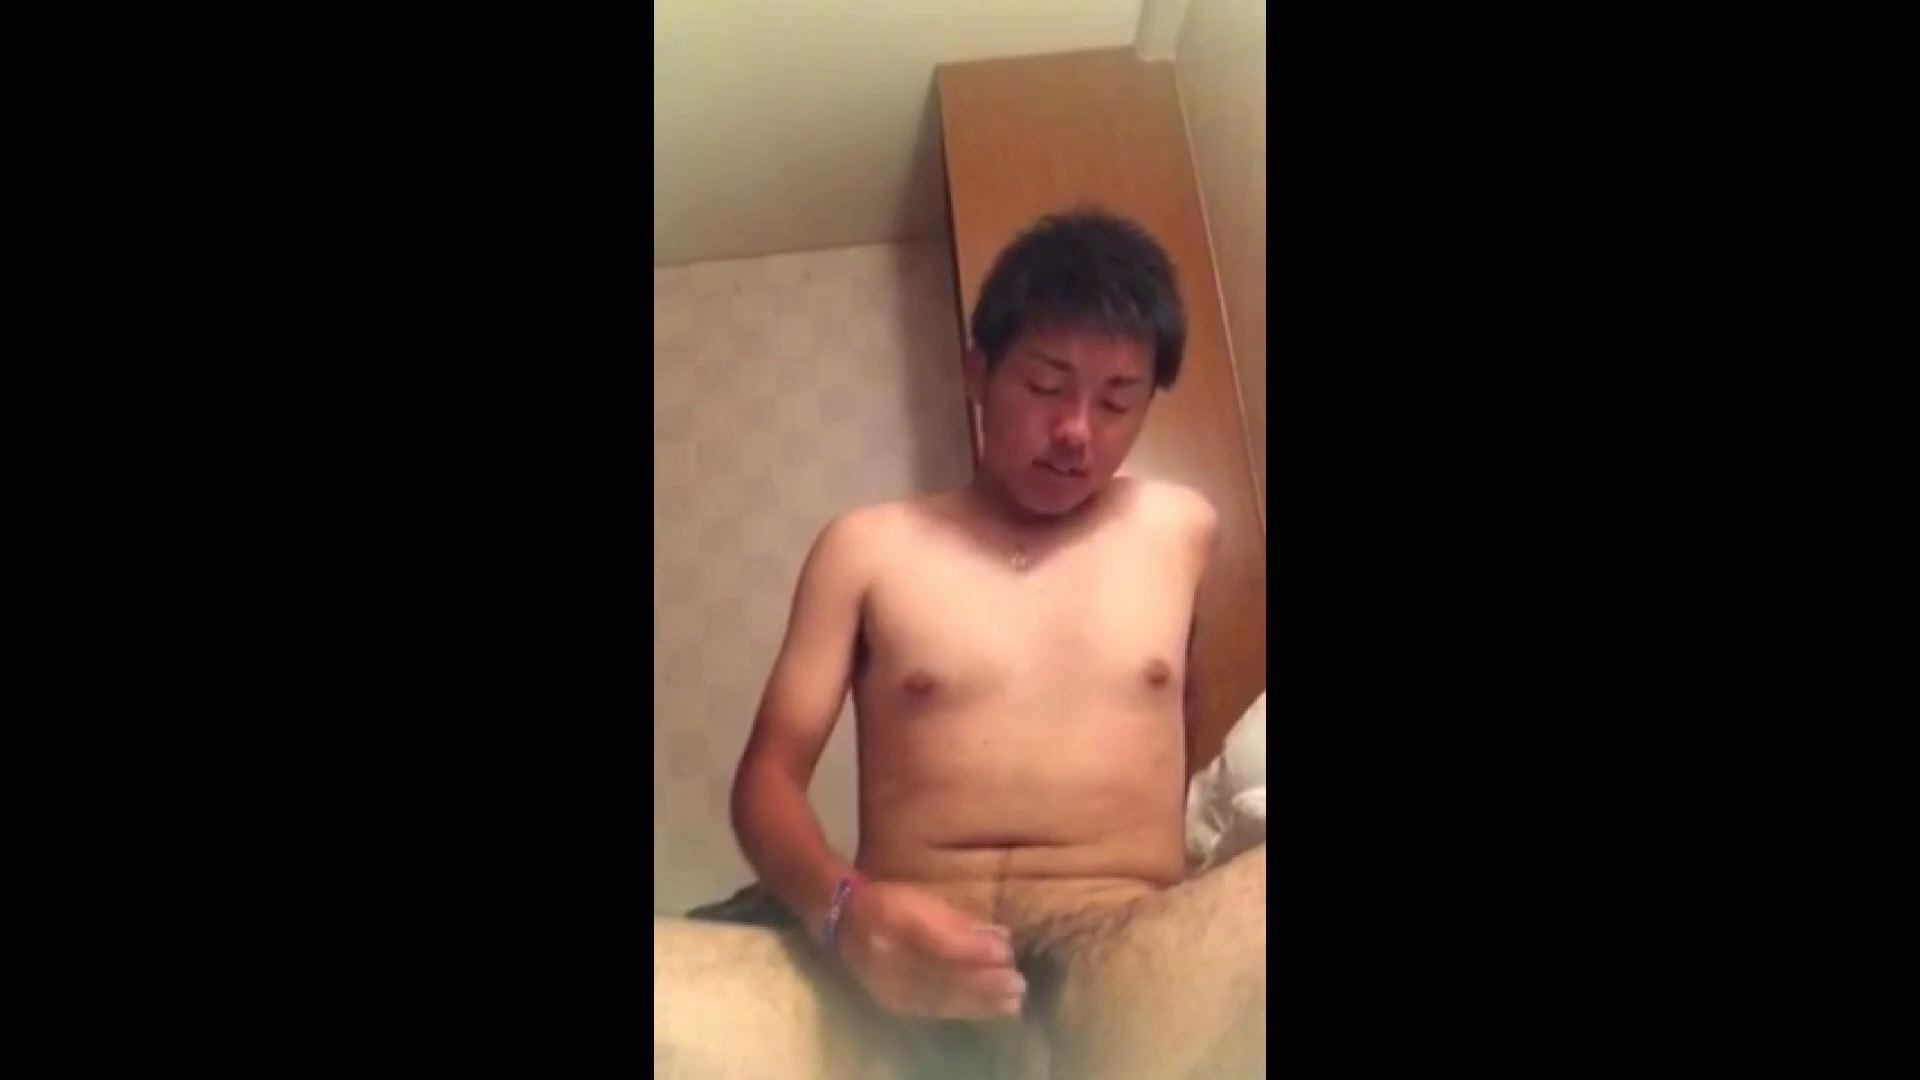 キター!ノンケちゃんオナニー特集vol.29 モザイク無し ゲイ無修正ビデオ画像 107pic 31